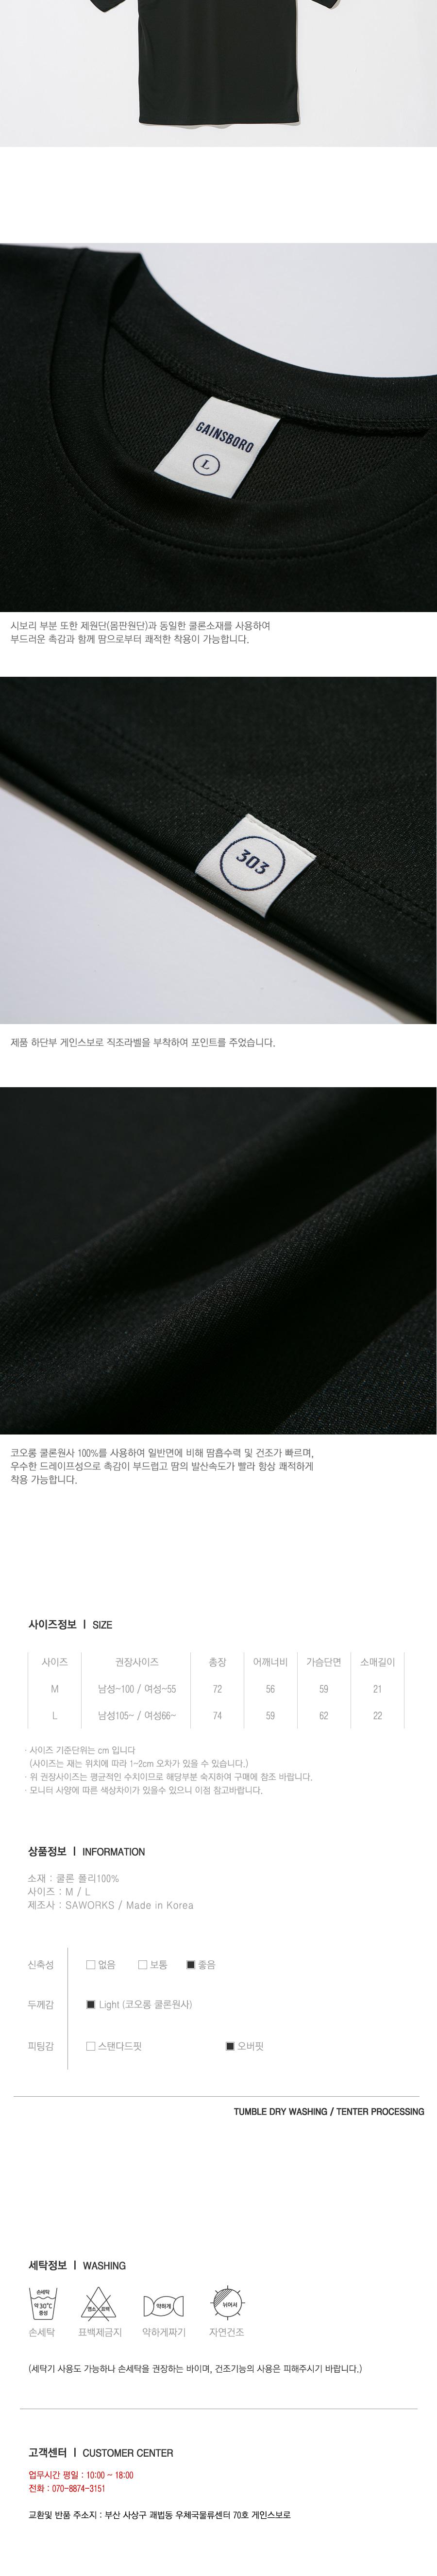 HM1350_02.jpg